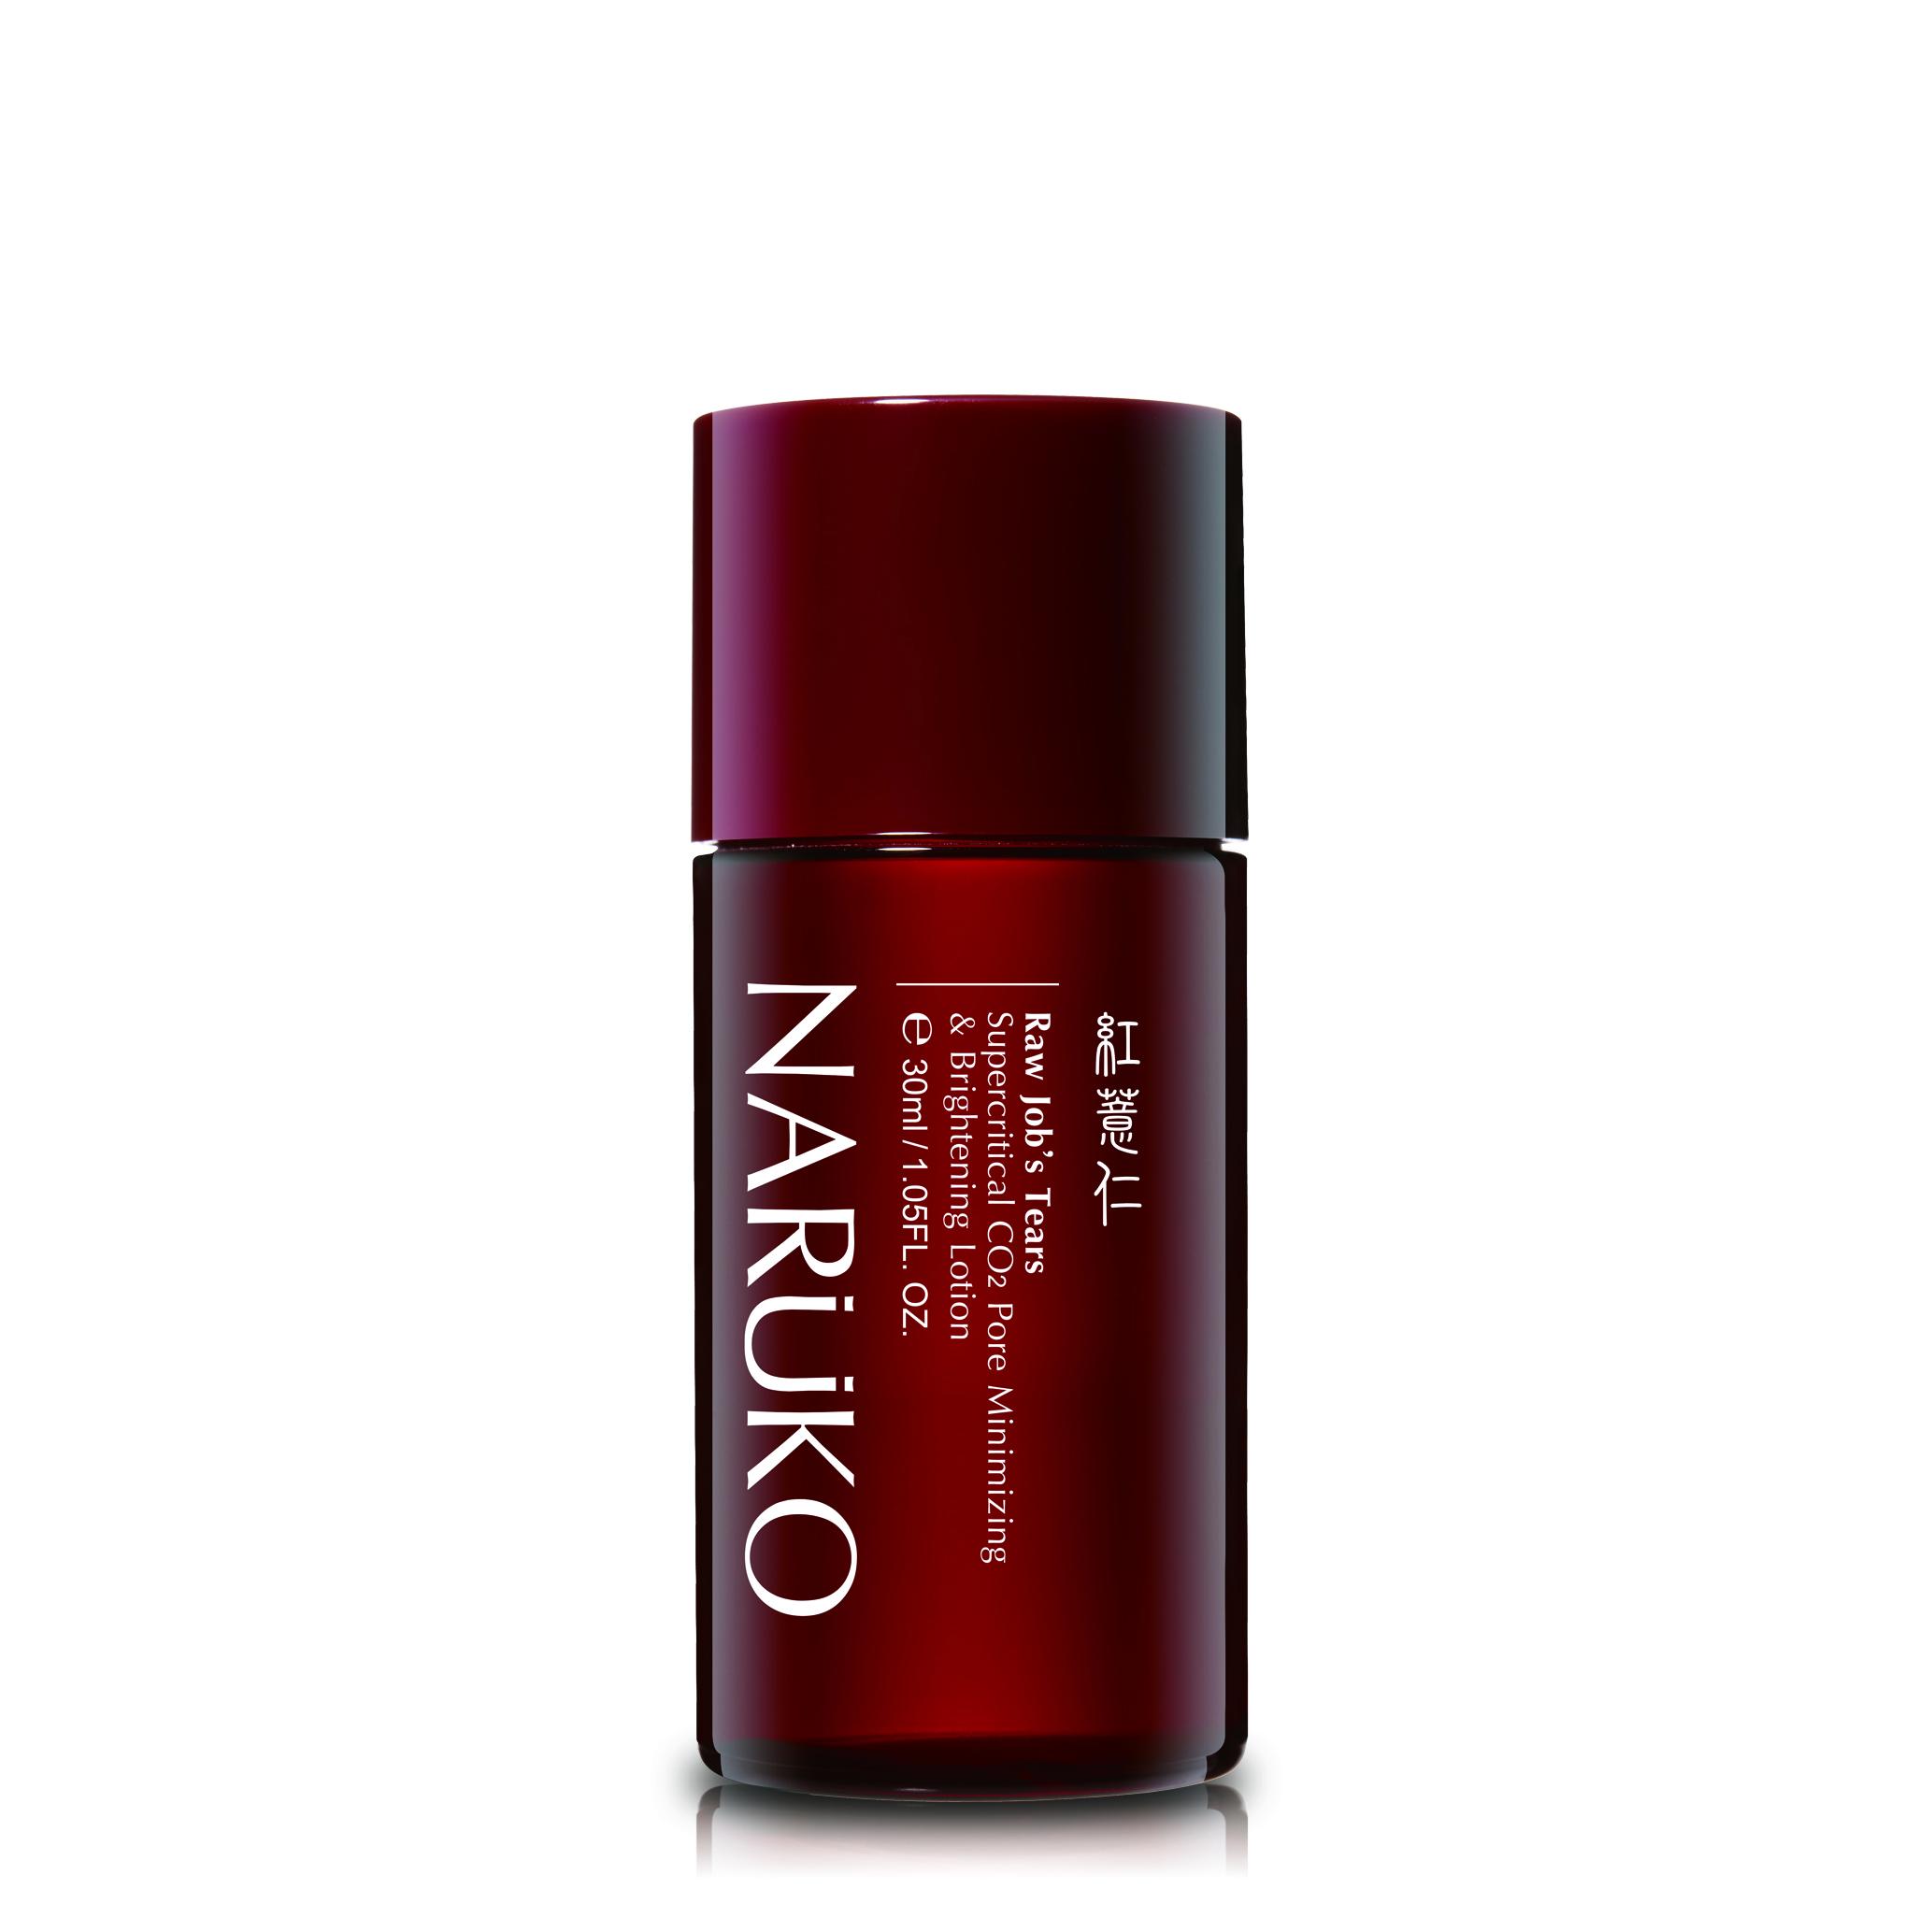 Naruko – Ý dĩ nhân đỏ – Toner nước hoa hồng làm trắng se khít lỗ chân lông minisize 30ml – RJT Supercritical CO2 Pore Minimizing and Brightening Lotion 30ml